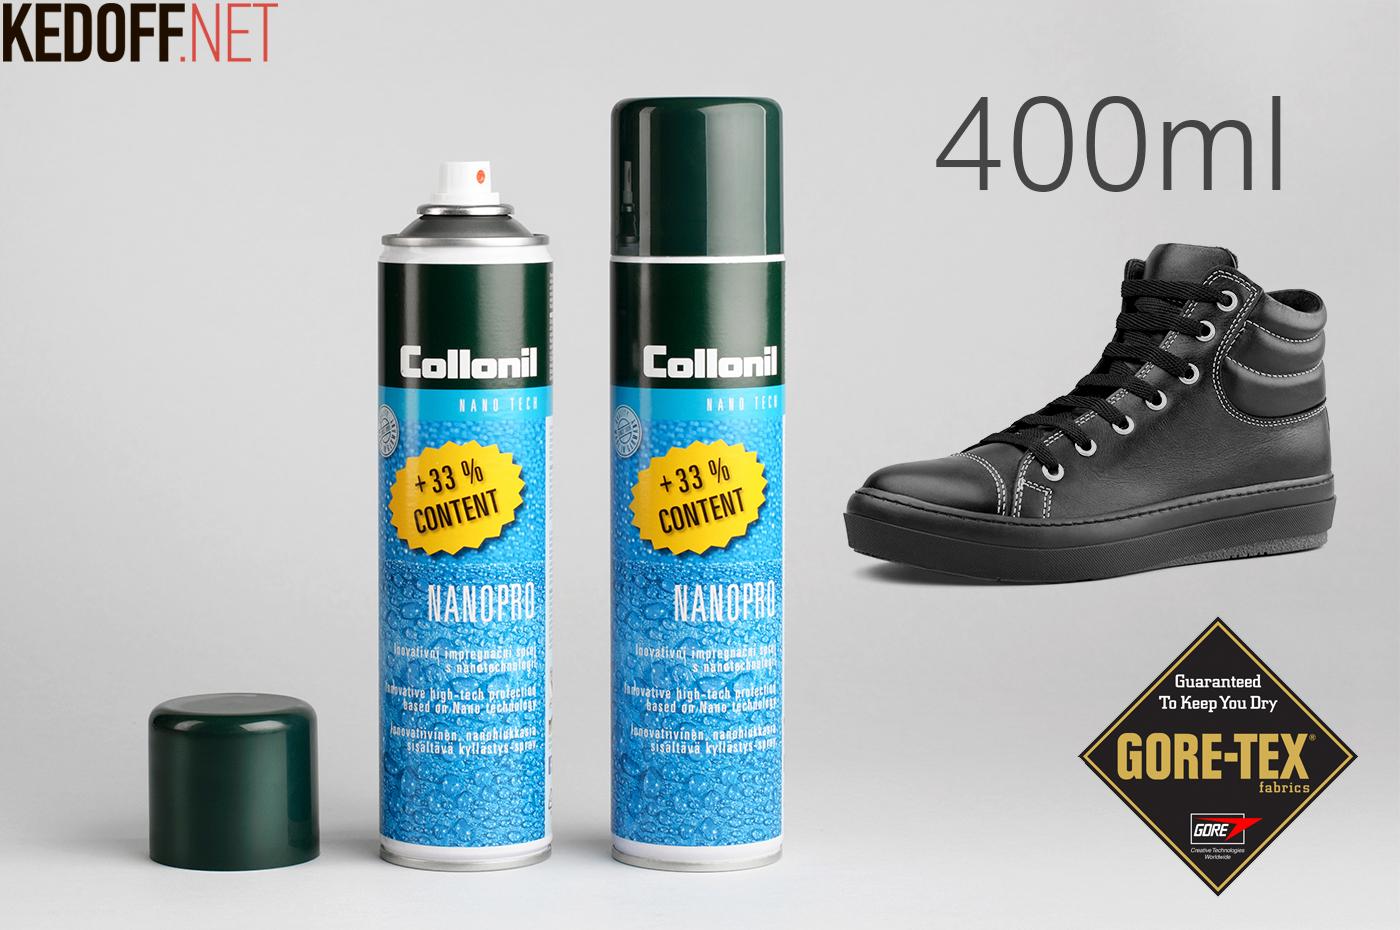 купить-collonil-интернет магазин обуви-kedoff.net